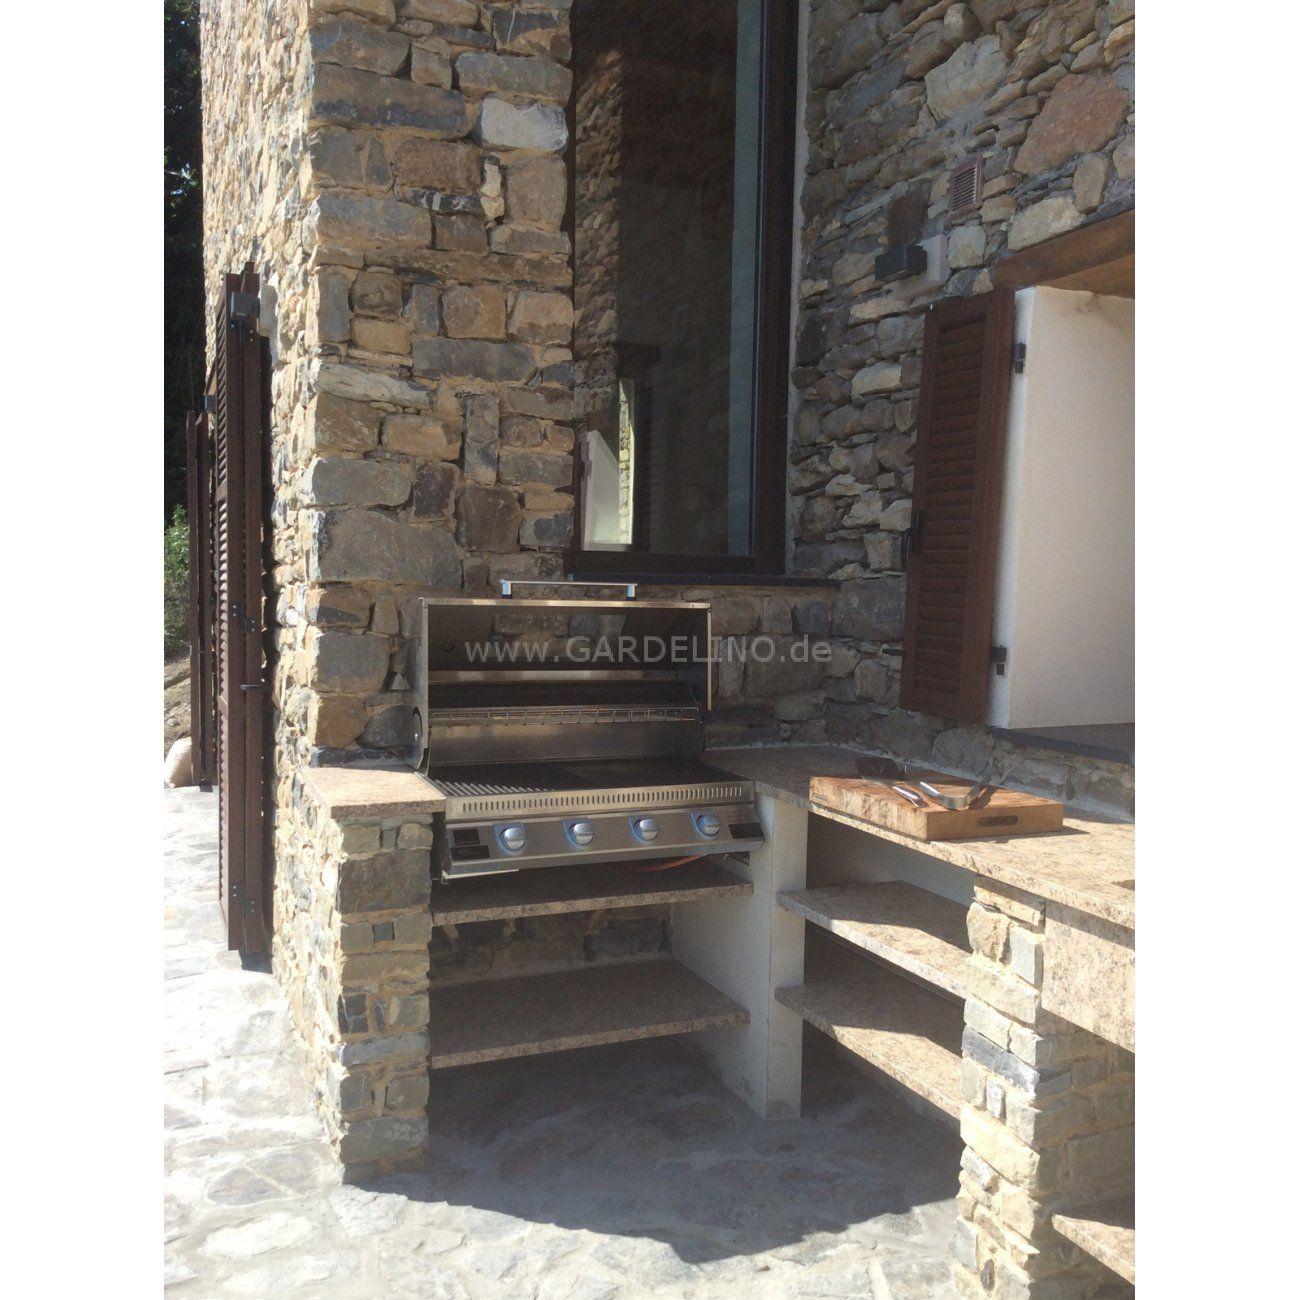 Rustikale Outdoorküche aus Stein mit BeefEater Gasgrill // rustic ...